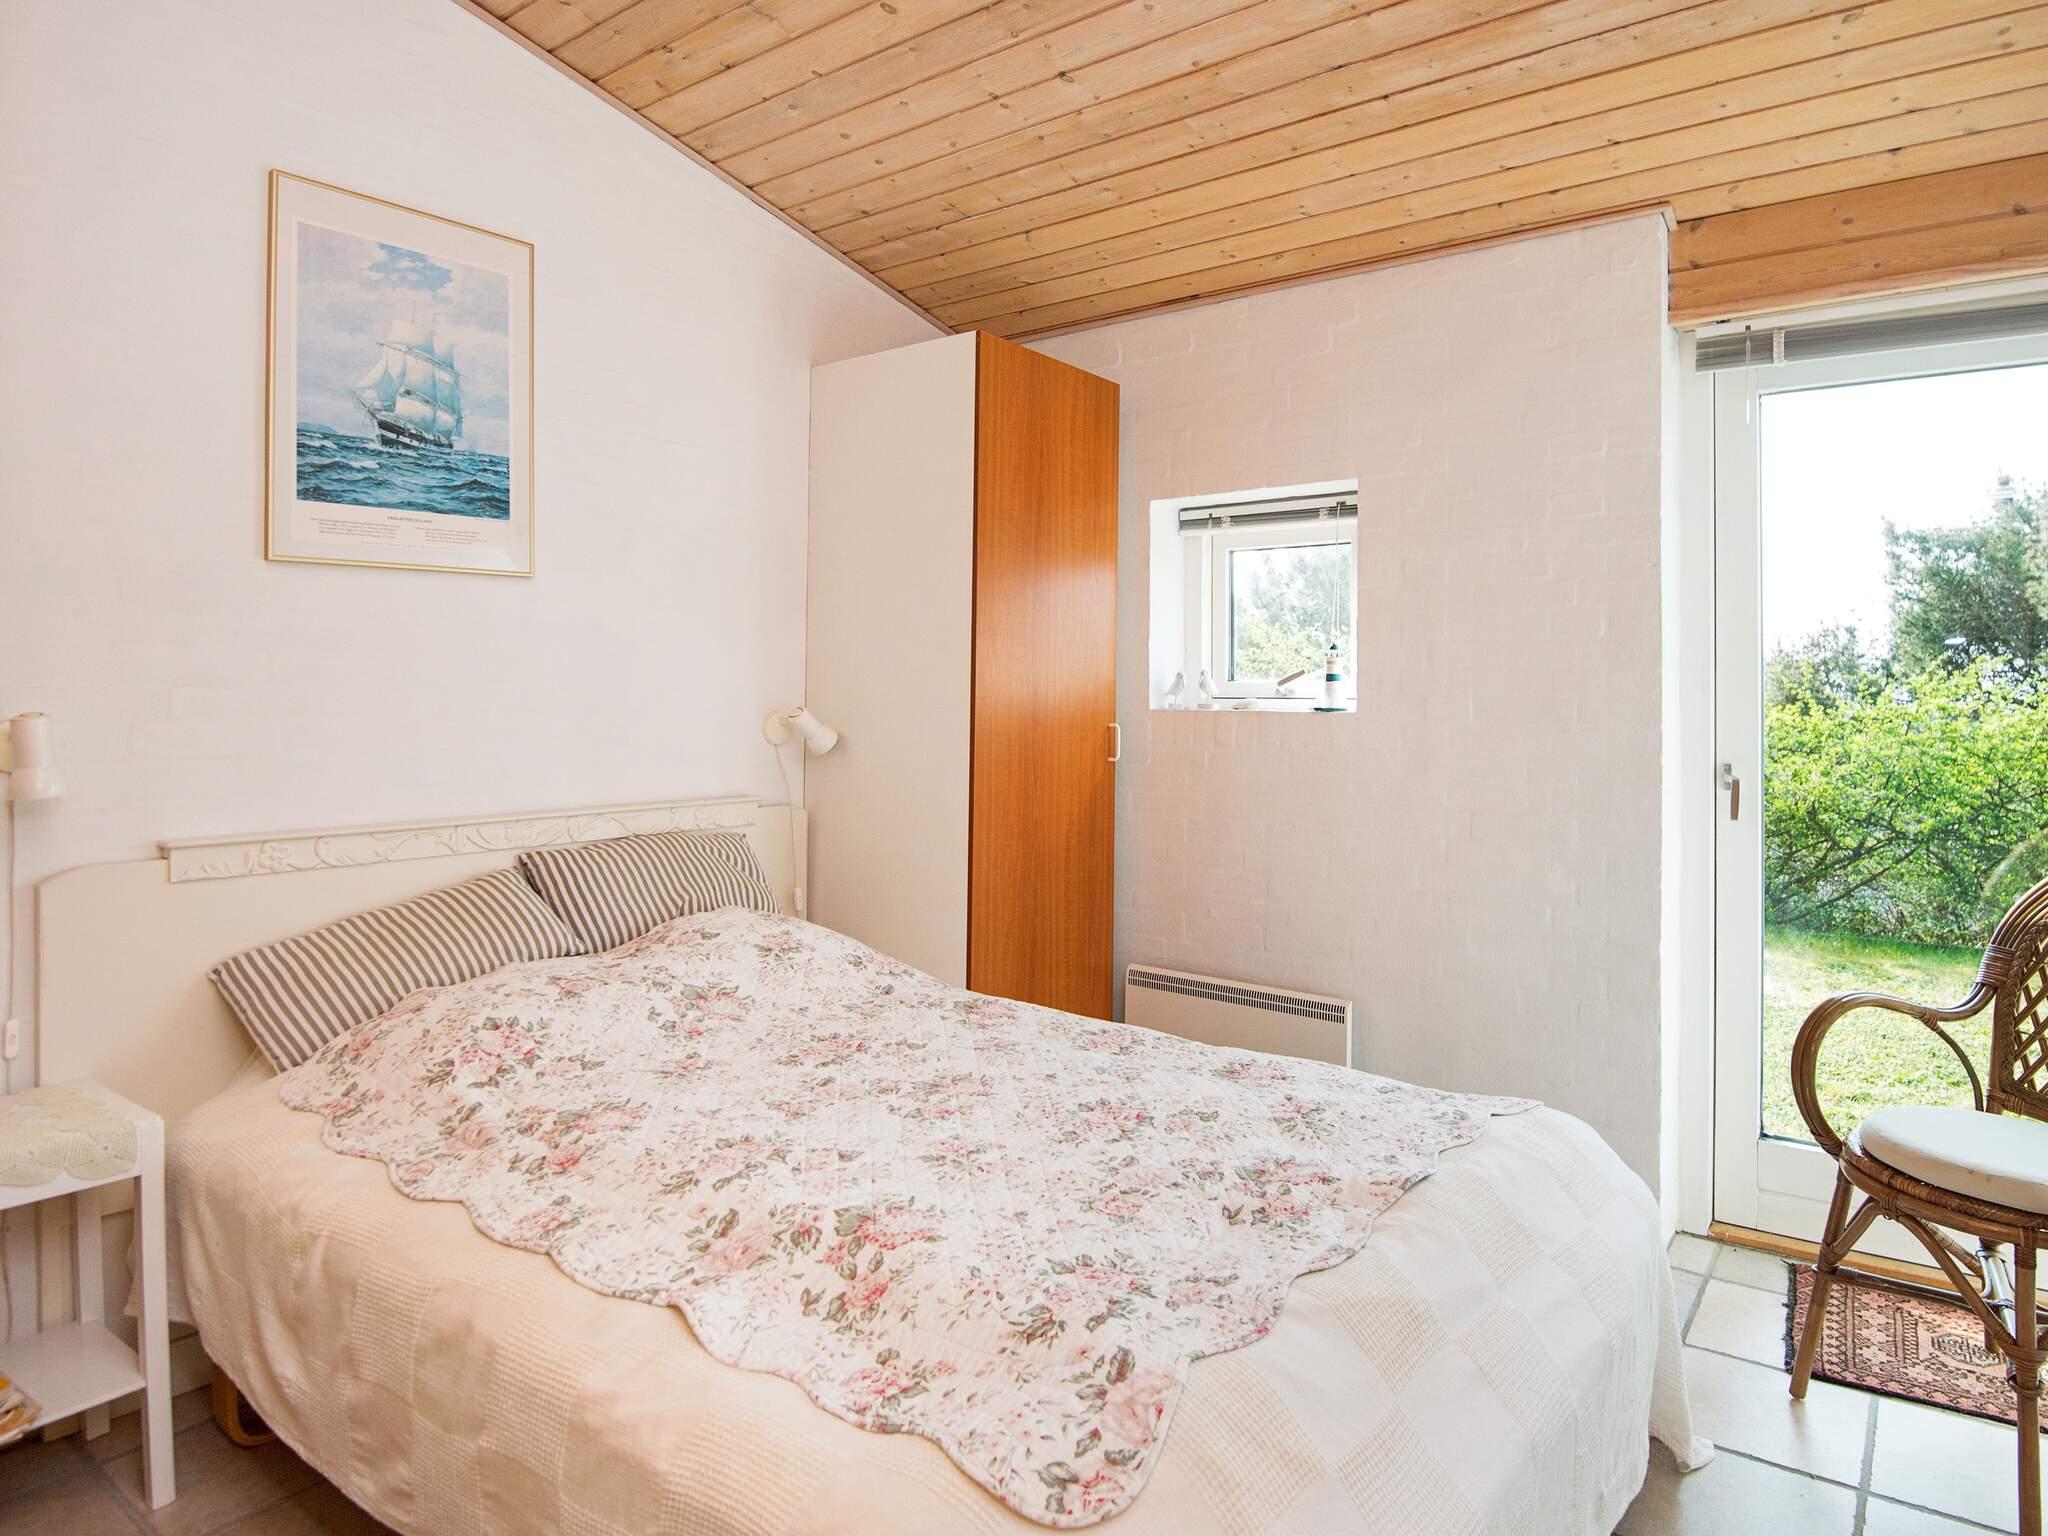 Ferienhaus Helgenæs (2523736), Knebel, , Dänische Ostsee, Dänemark, Bild 8